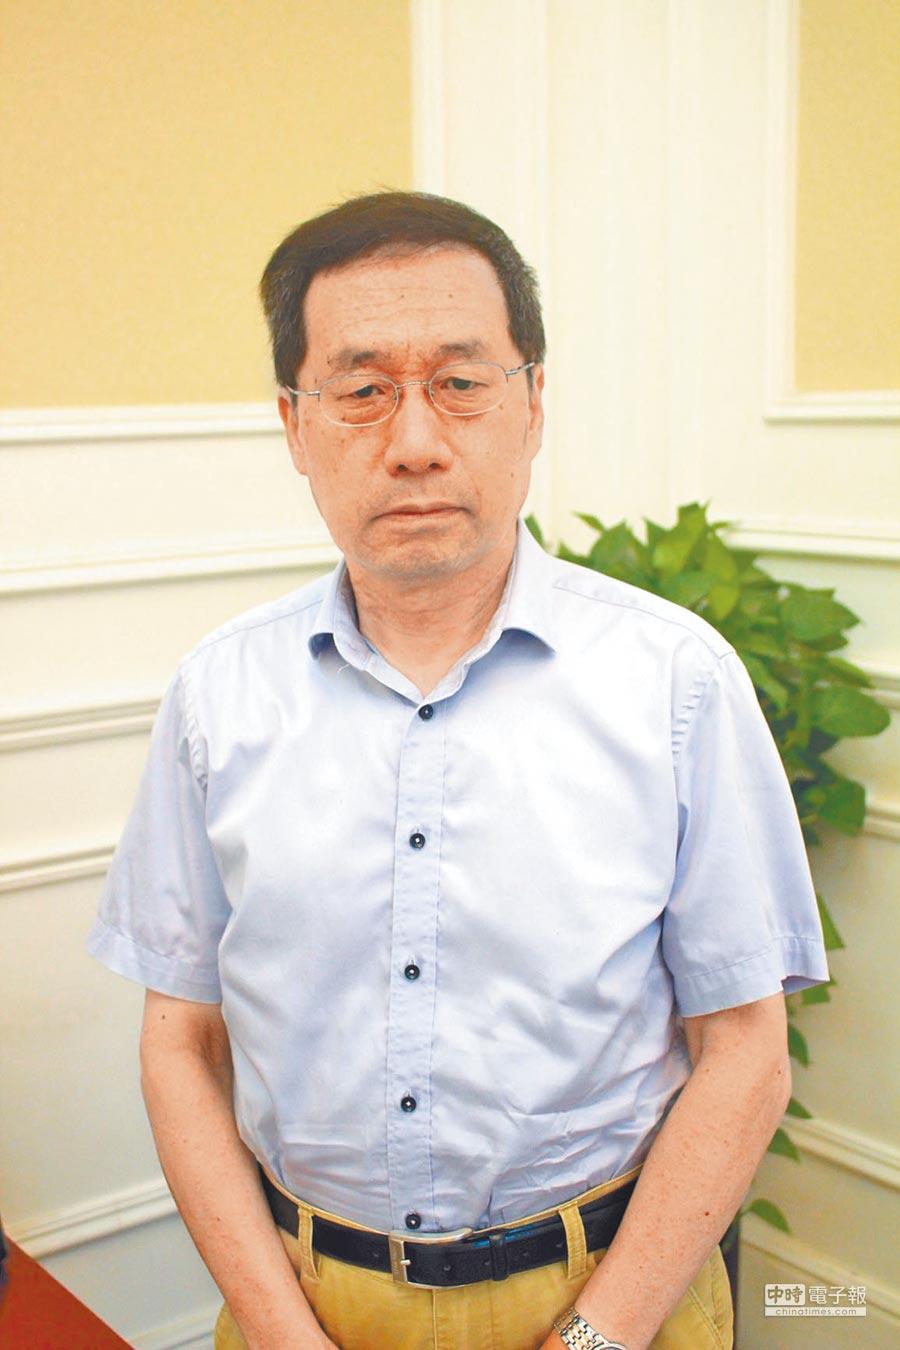 大陸外交部智庫、中國國際問題研究院研究員郭憲綱。(本報系資料照片)